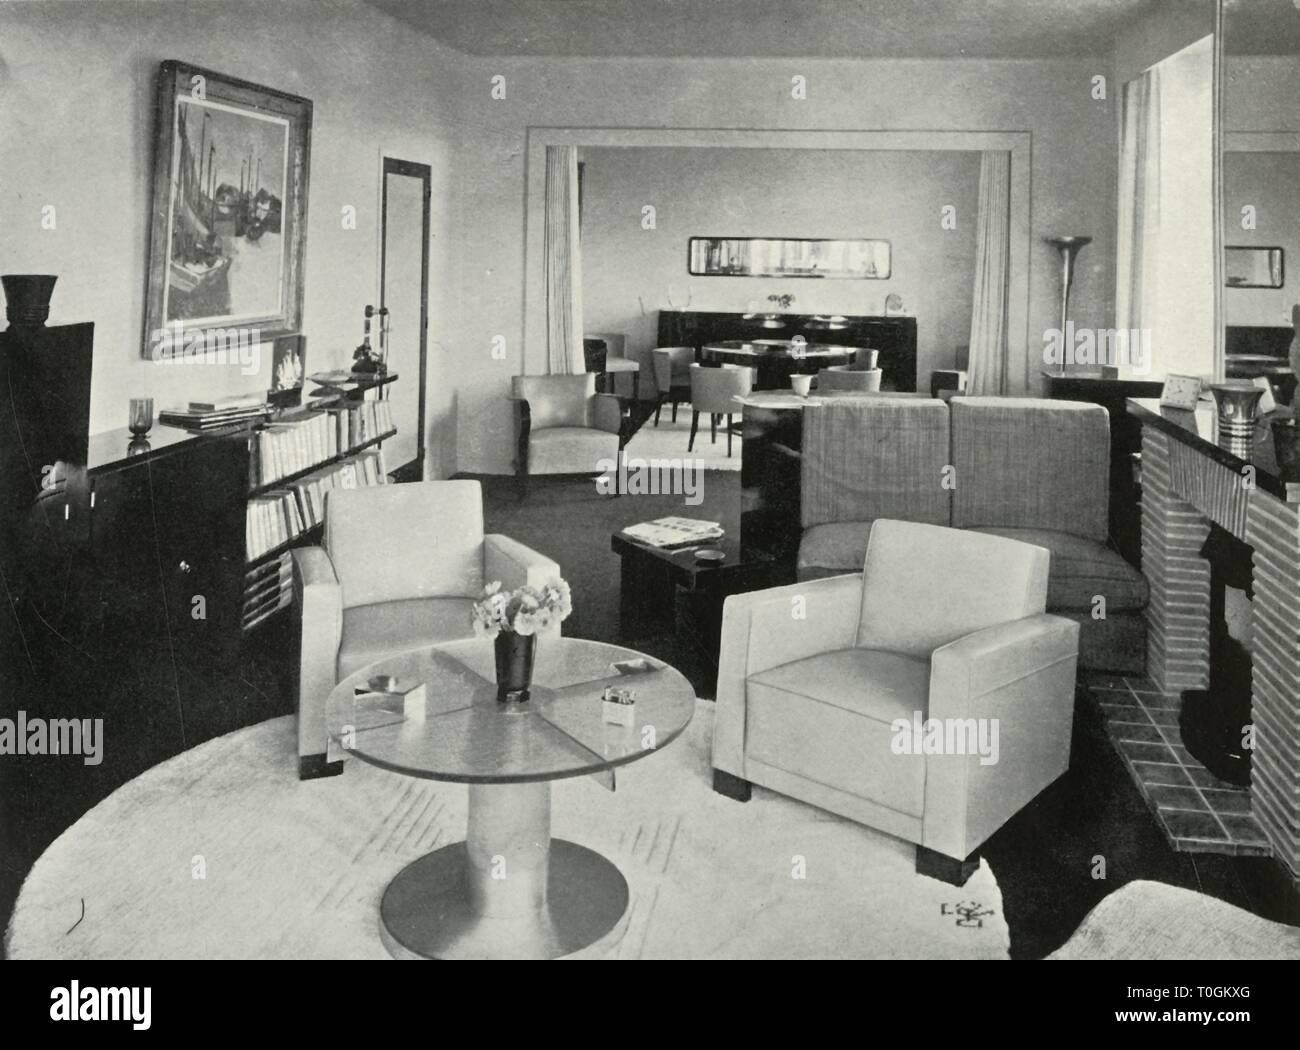 Studio E Sala Da Pranzo Nella Casa A Bruxelles 1937 Creatore Sconosciuto Foto Stock Alamy